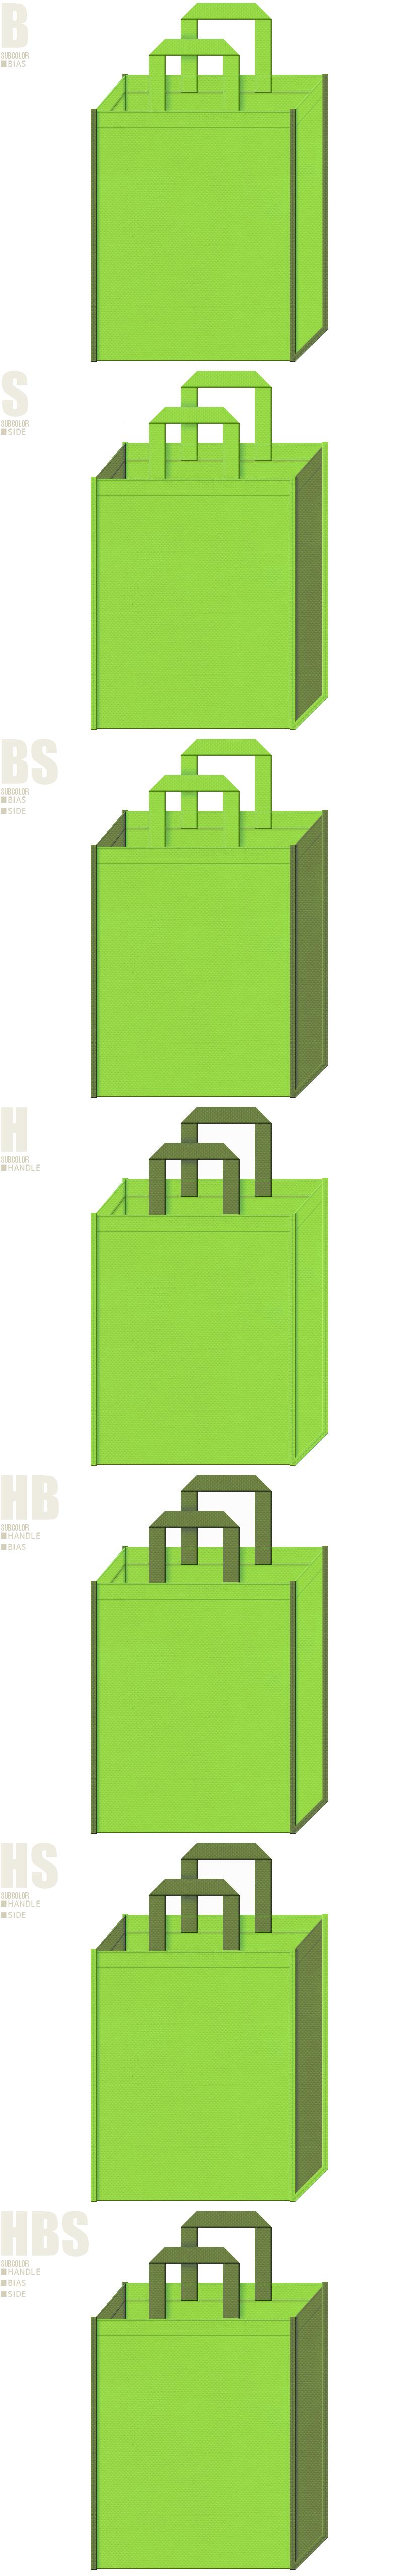 造園・園芸用品・青汁・日本茶の展示会用バッグにお奨めの不織布バッグデザイン:黄緑色と草色の不織布バッグ配色7パターン。